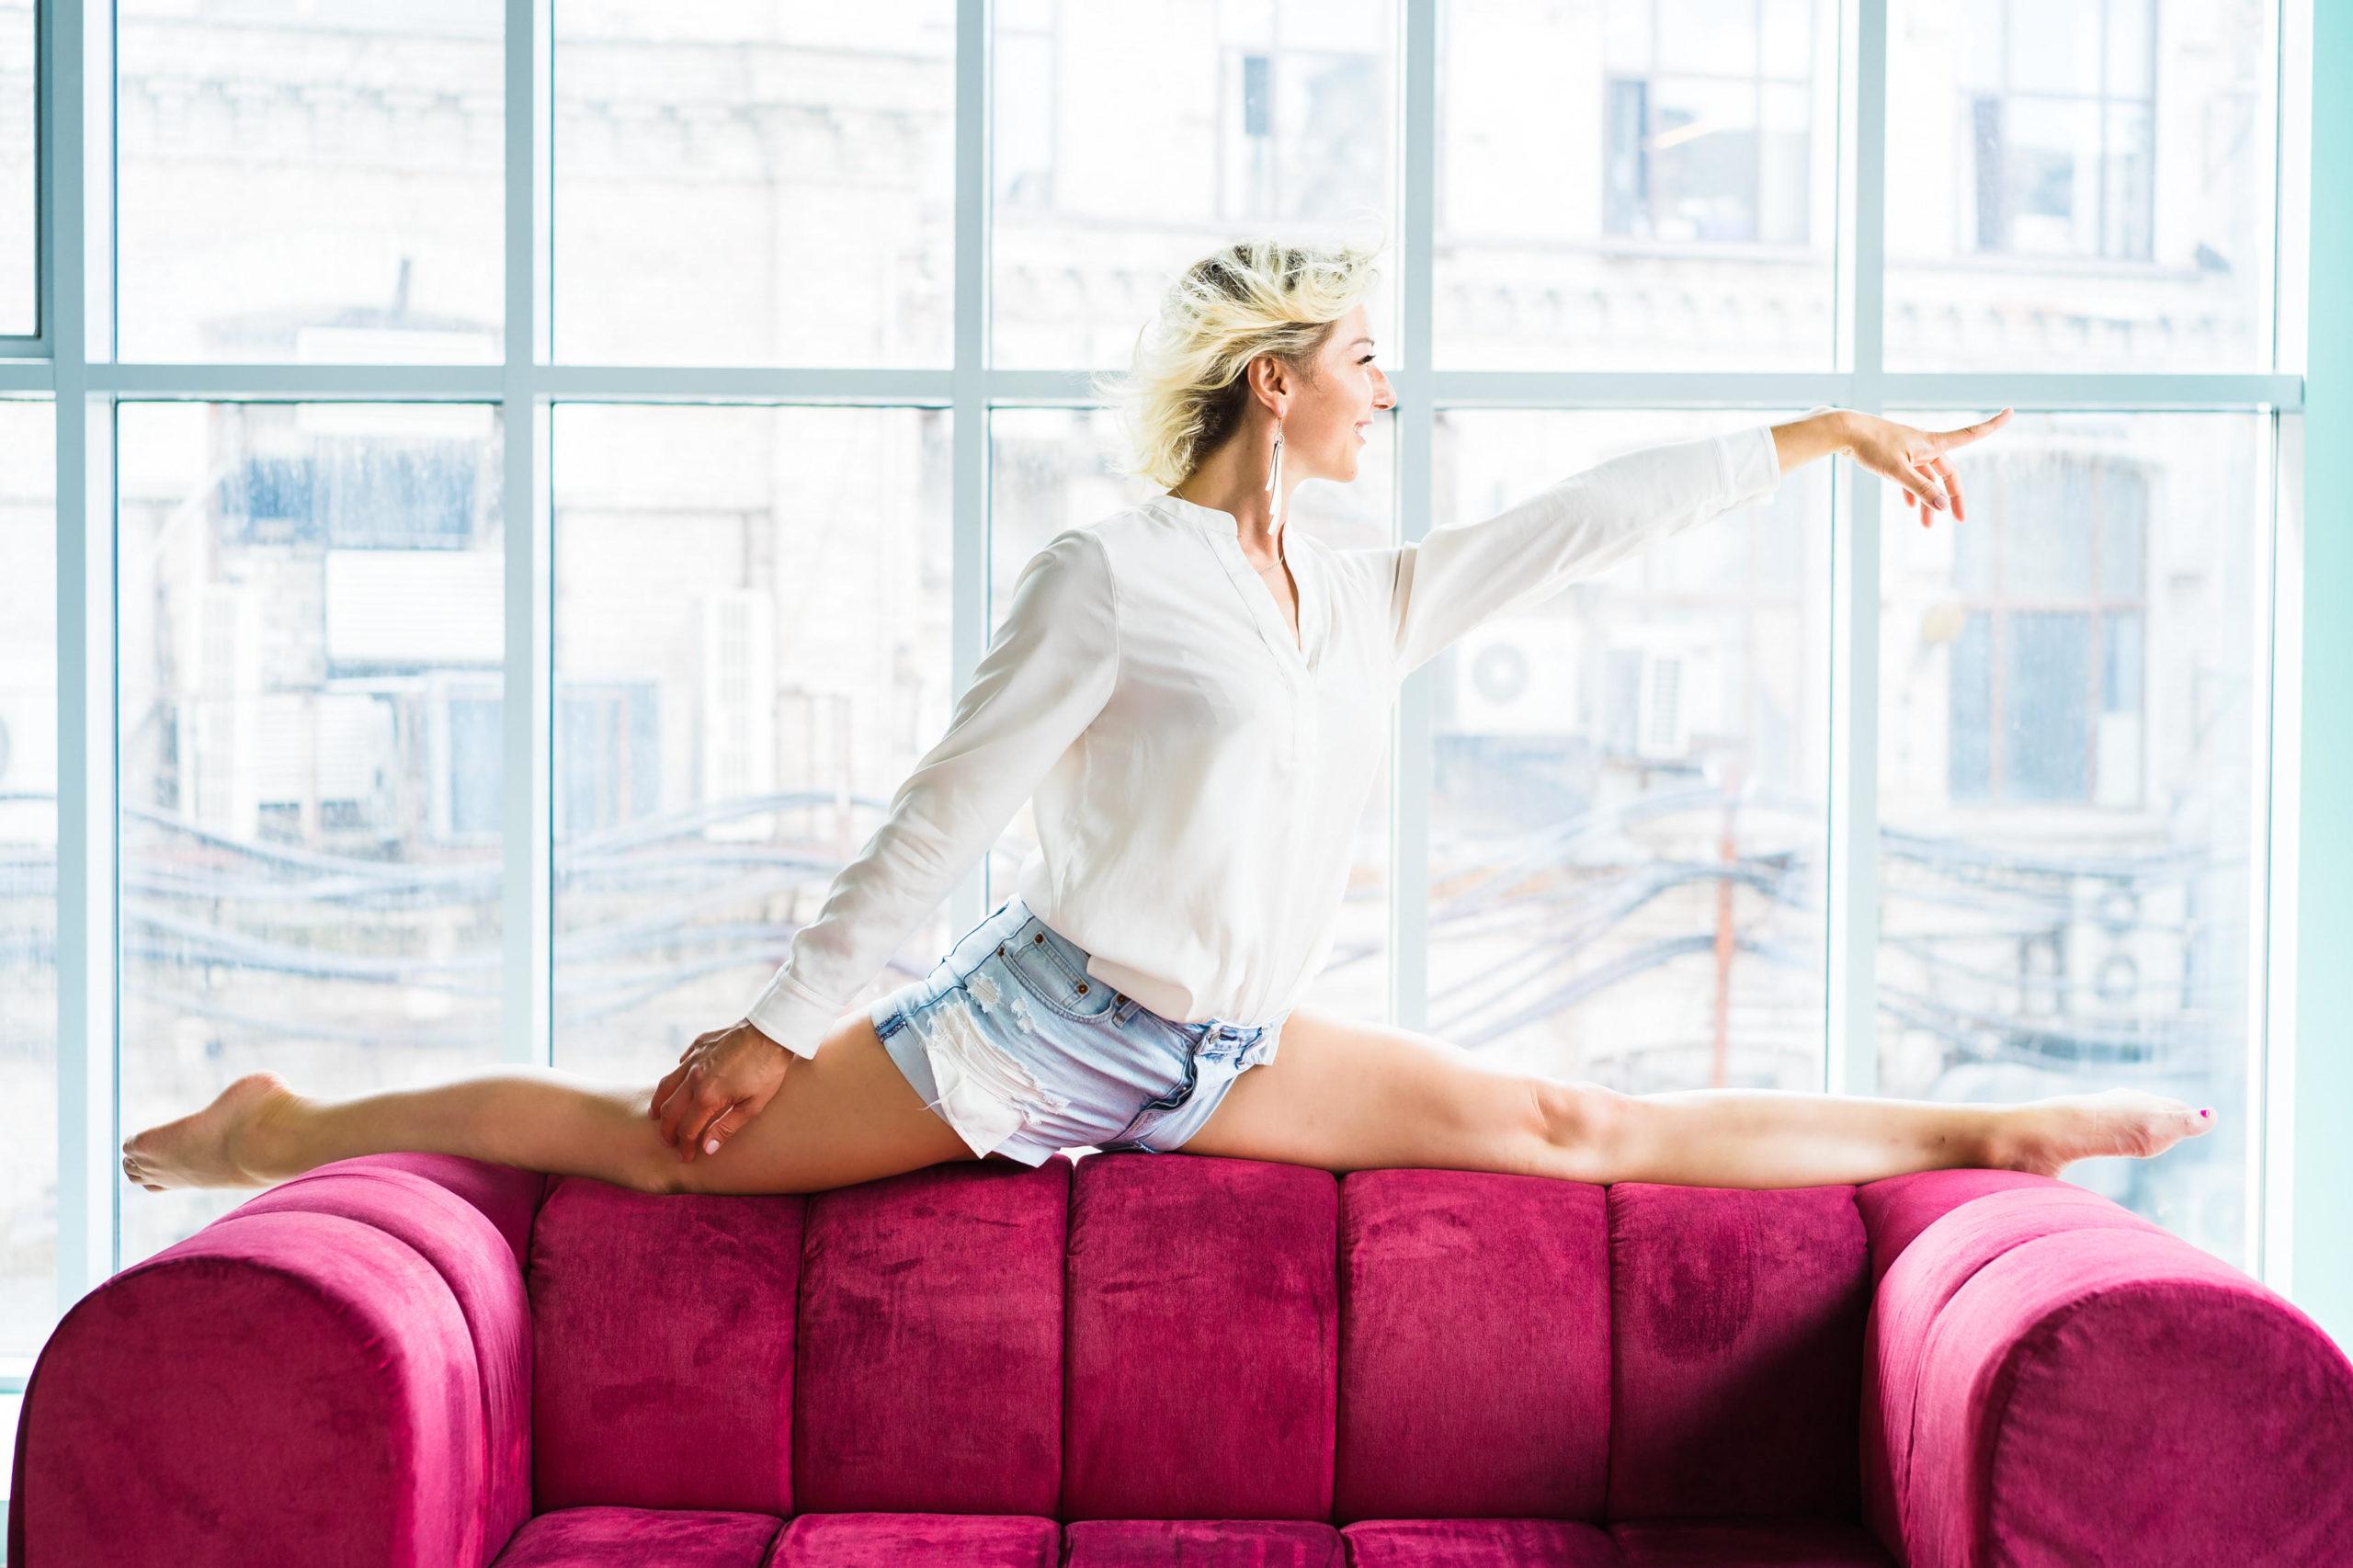 Совет от тренера: как подготовить свое тело и сесть на шпагат